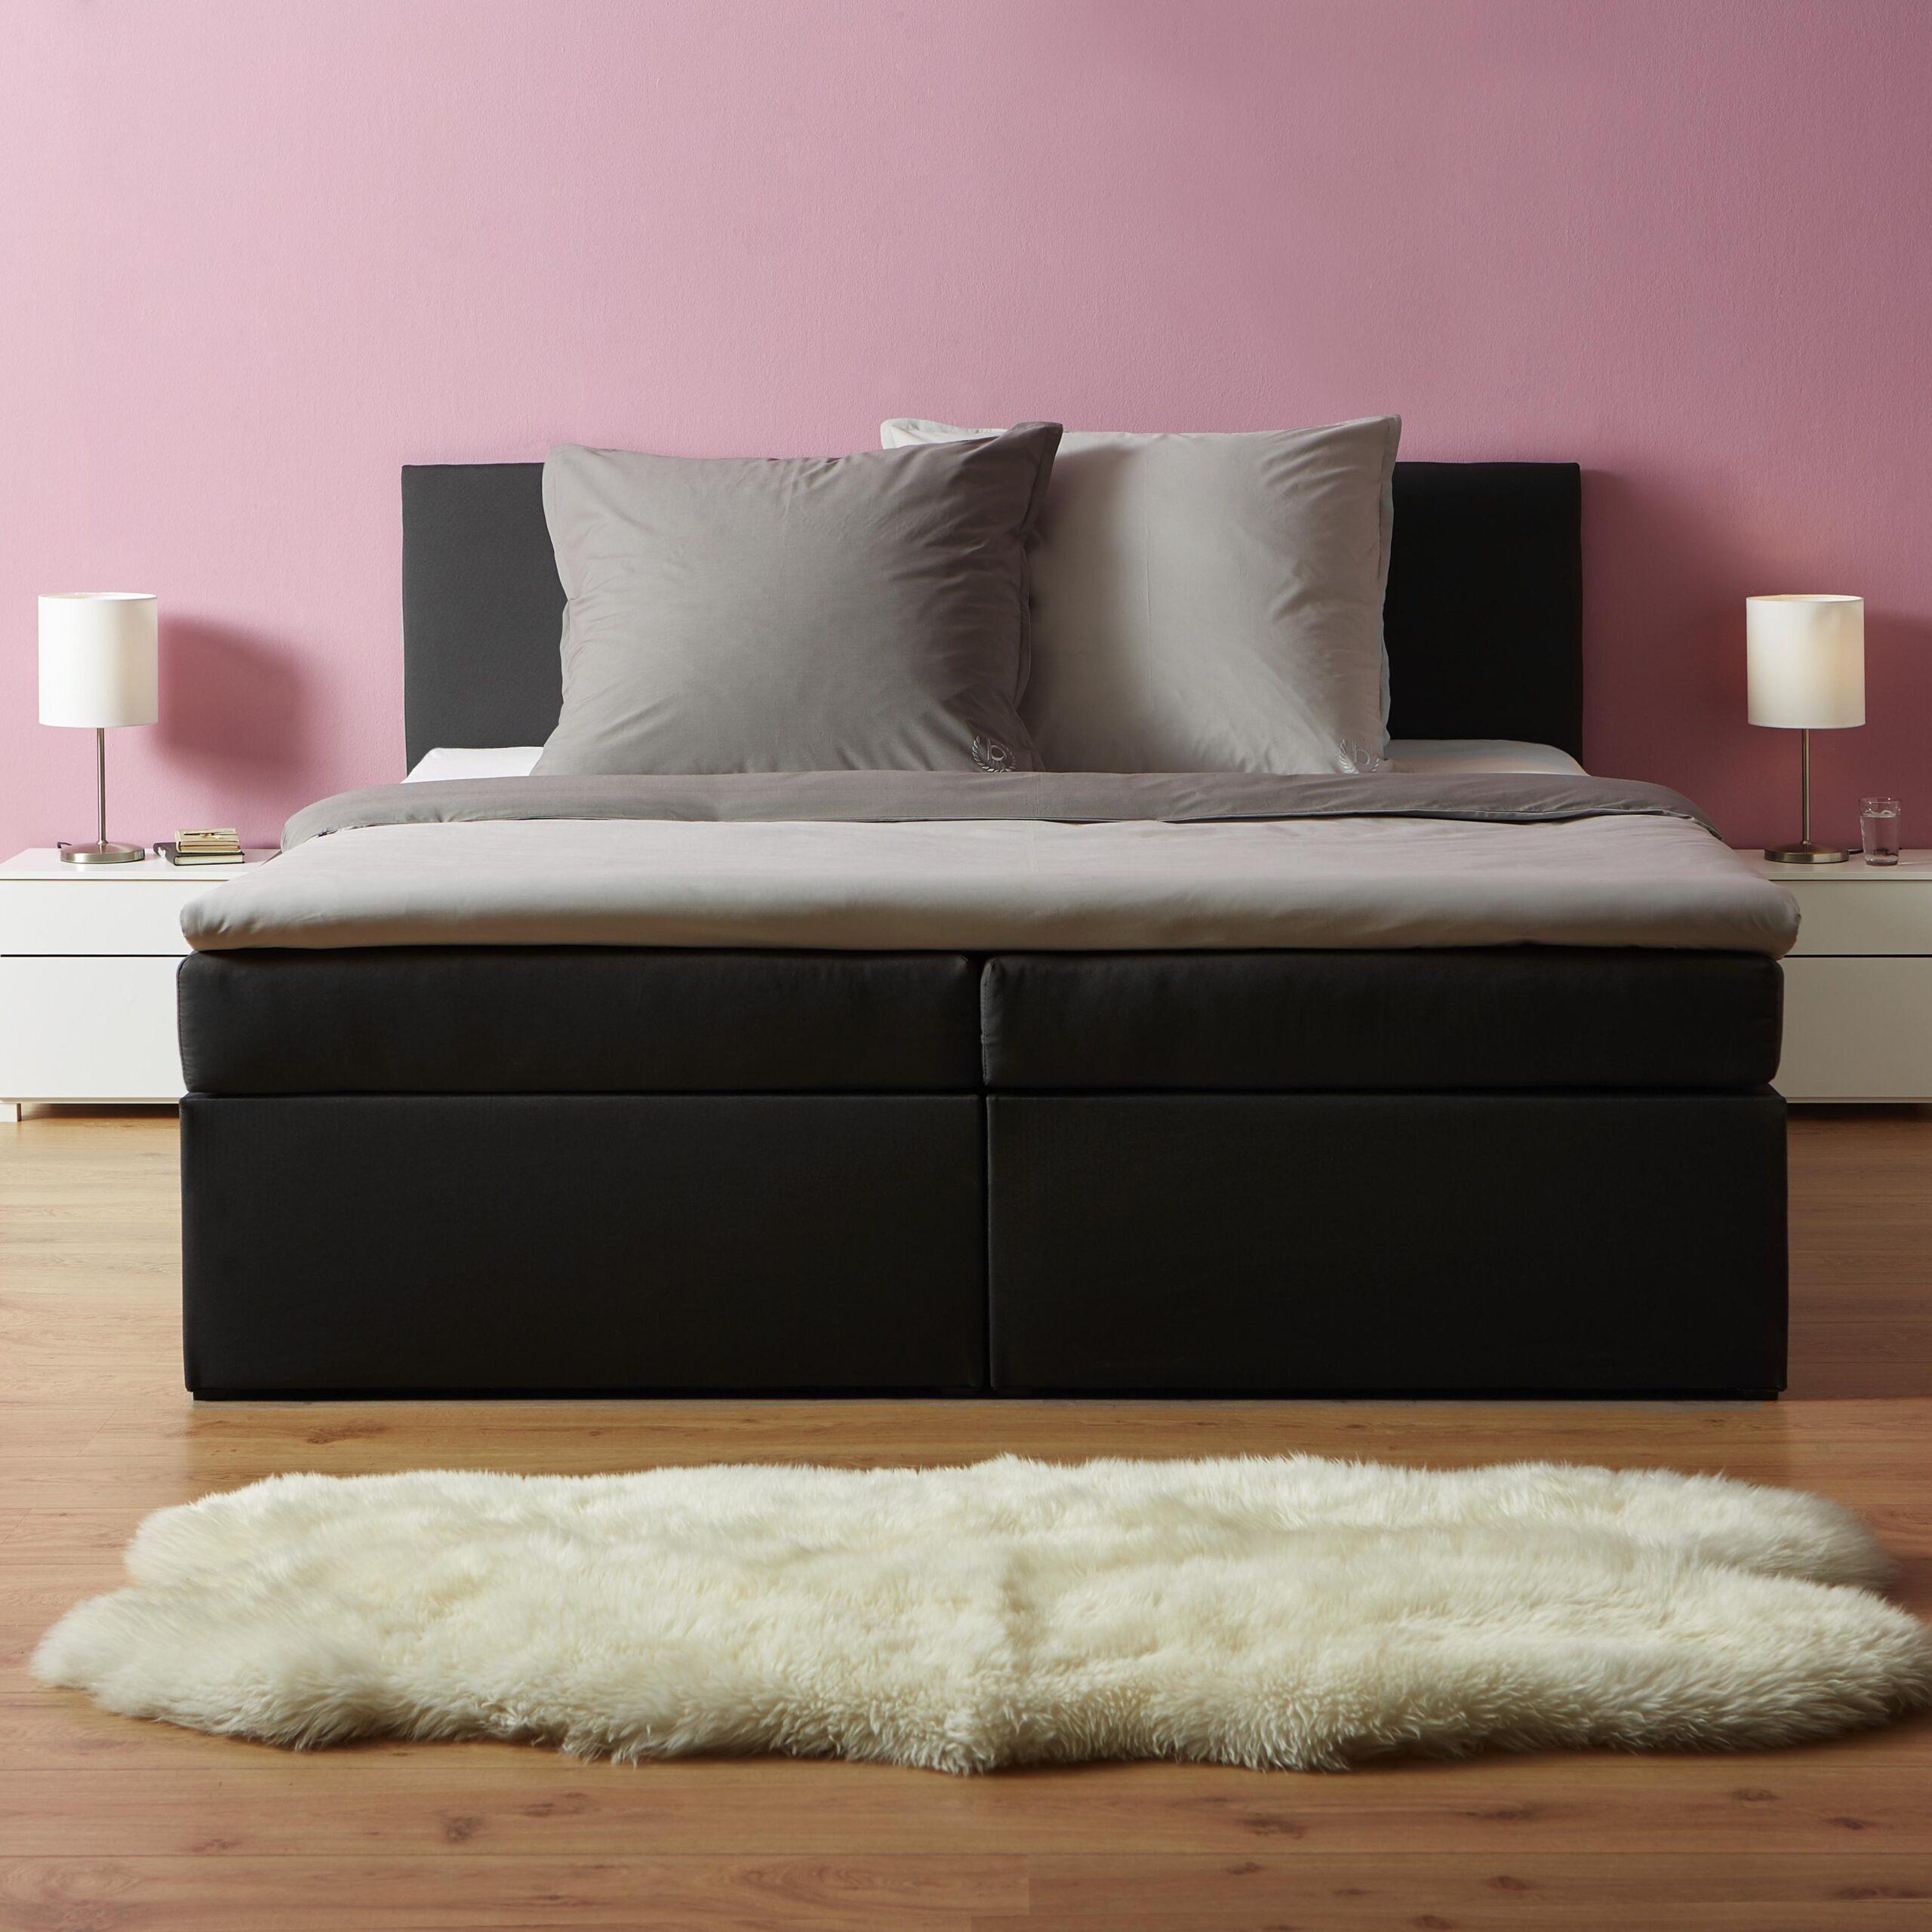 Full Size of Betten Entdecken Mmax Bopita Bett King Size 120x200 Mit Matratze Und Lattenrost Japanische 180x200 Bettkasten Meise 120 Cm Breit 220 X Weißes 90x200 Mädchen Wohnzimmer Bett 120x200 Ikea